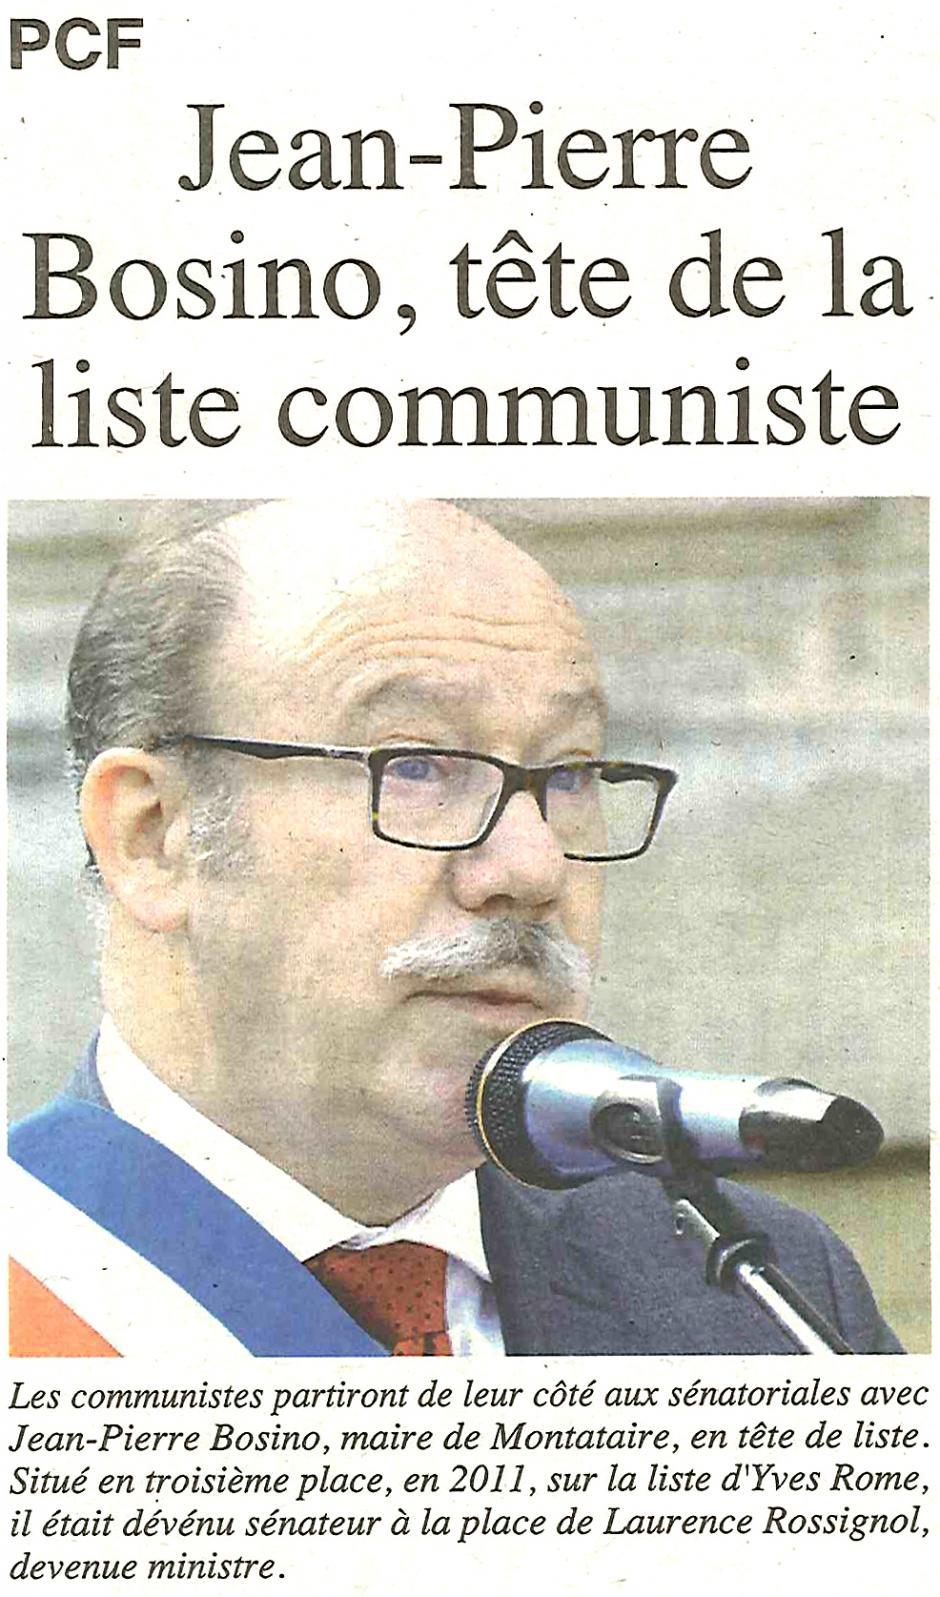 20170830-OH-Oise-S2017-Jean-Pierre Bosino, tête de liste communiste